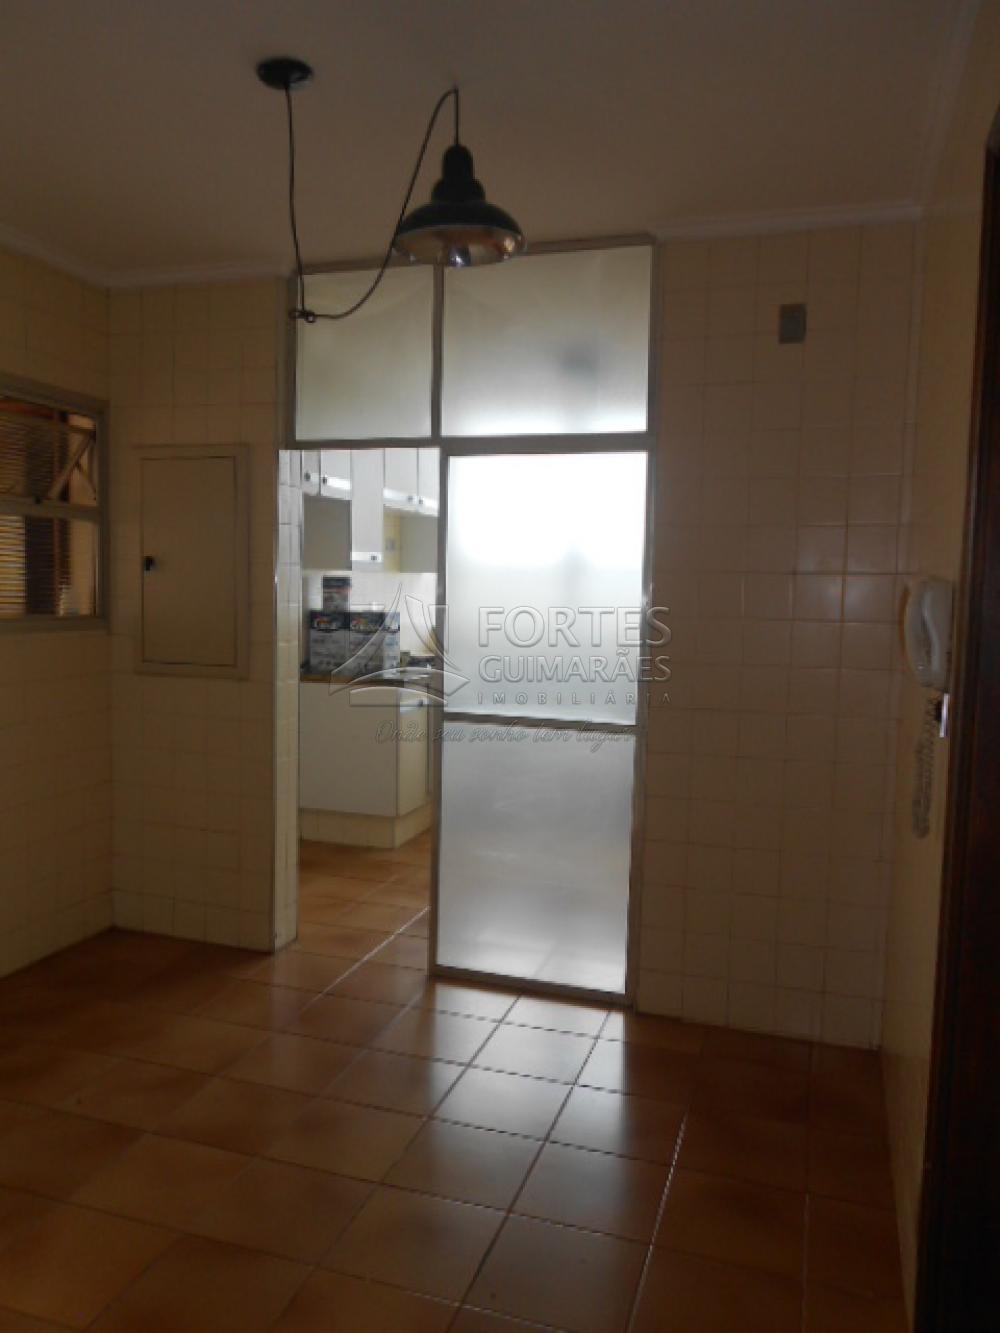 Alugar Apartamentos / Padrão em Ribeirão Preto apenas R$ 1.500,00 - Foto 60